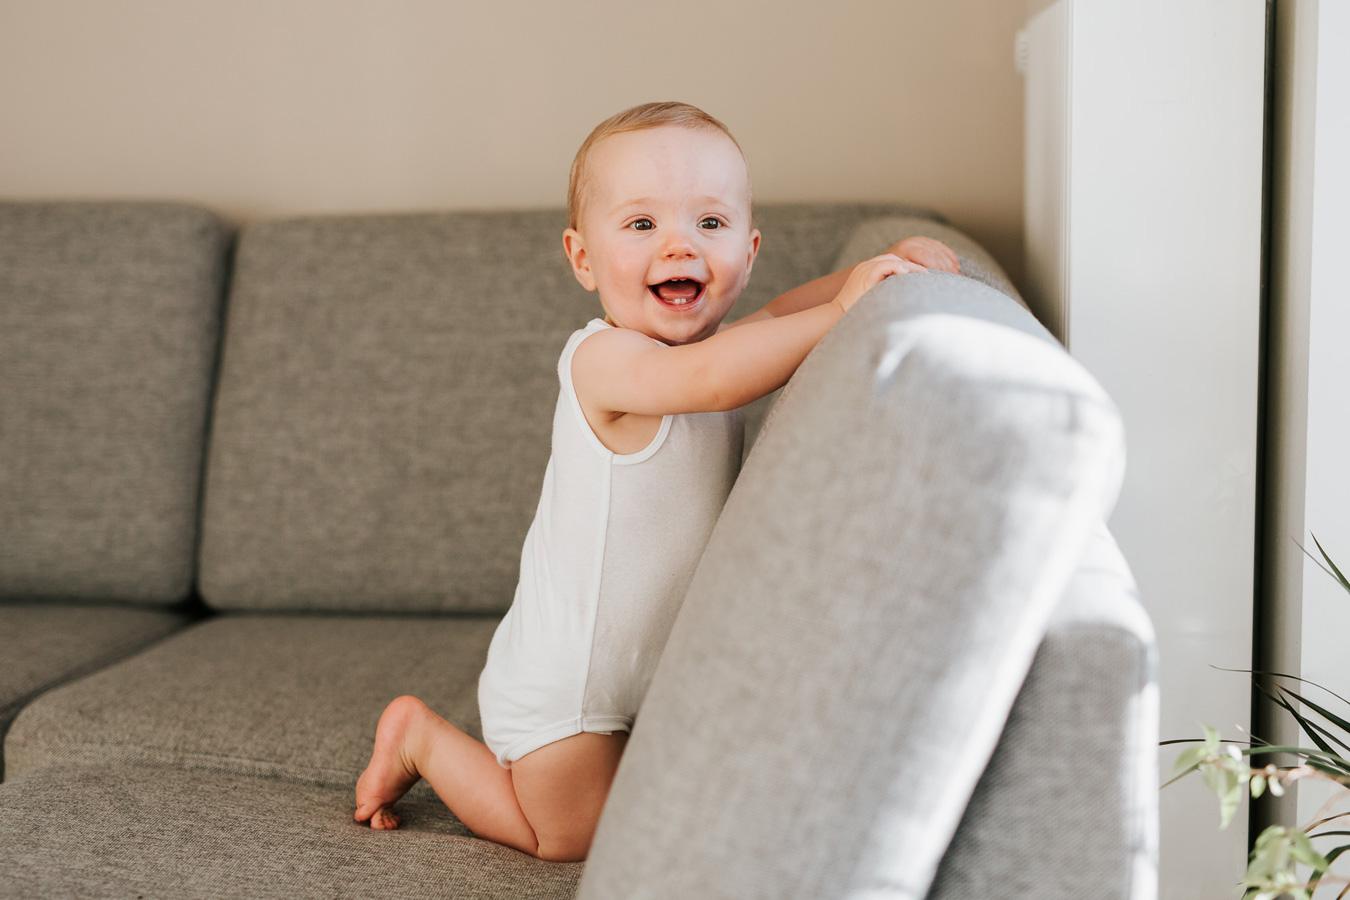 016-Babyfotografering-fotograf-oslo.jpg